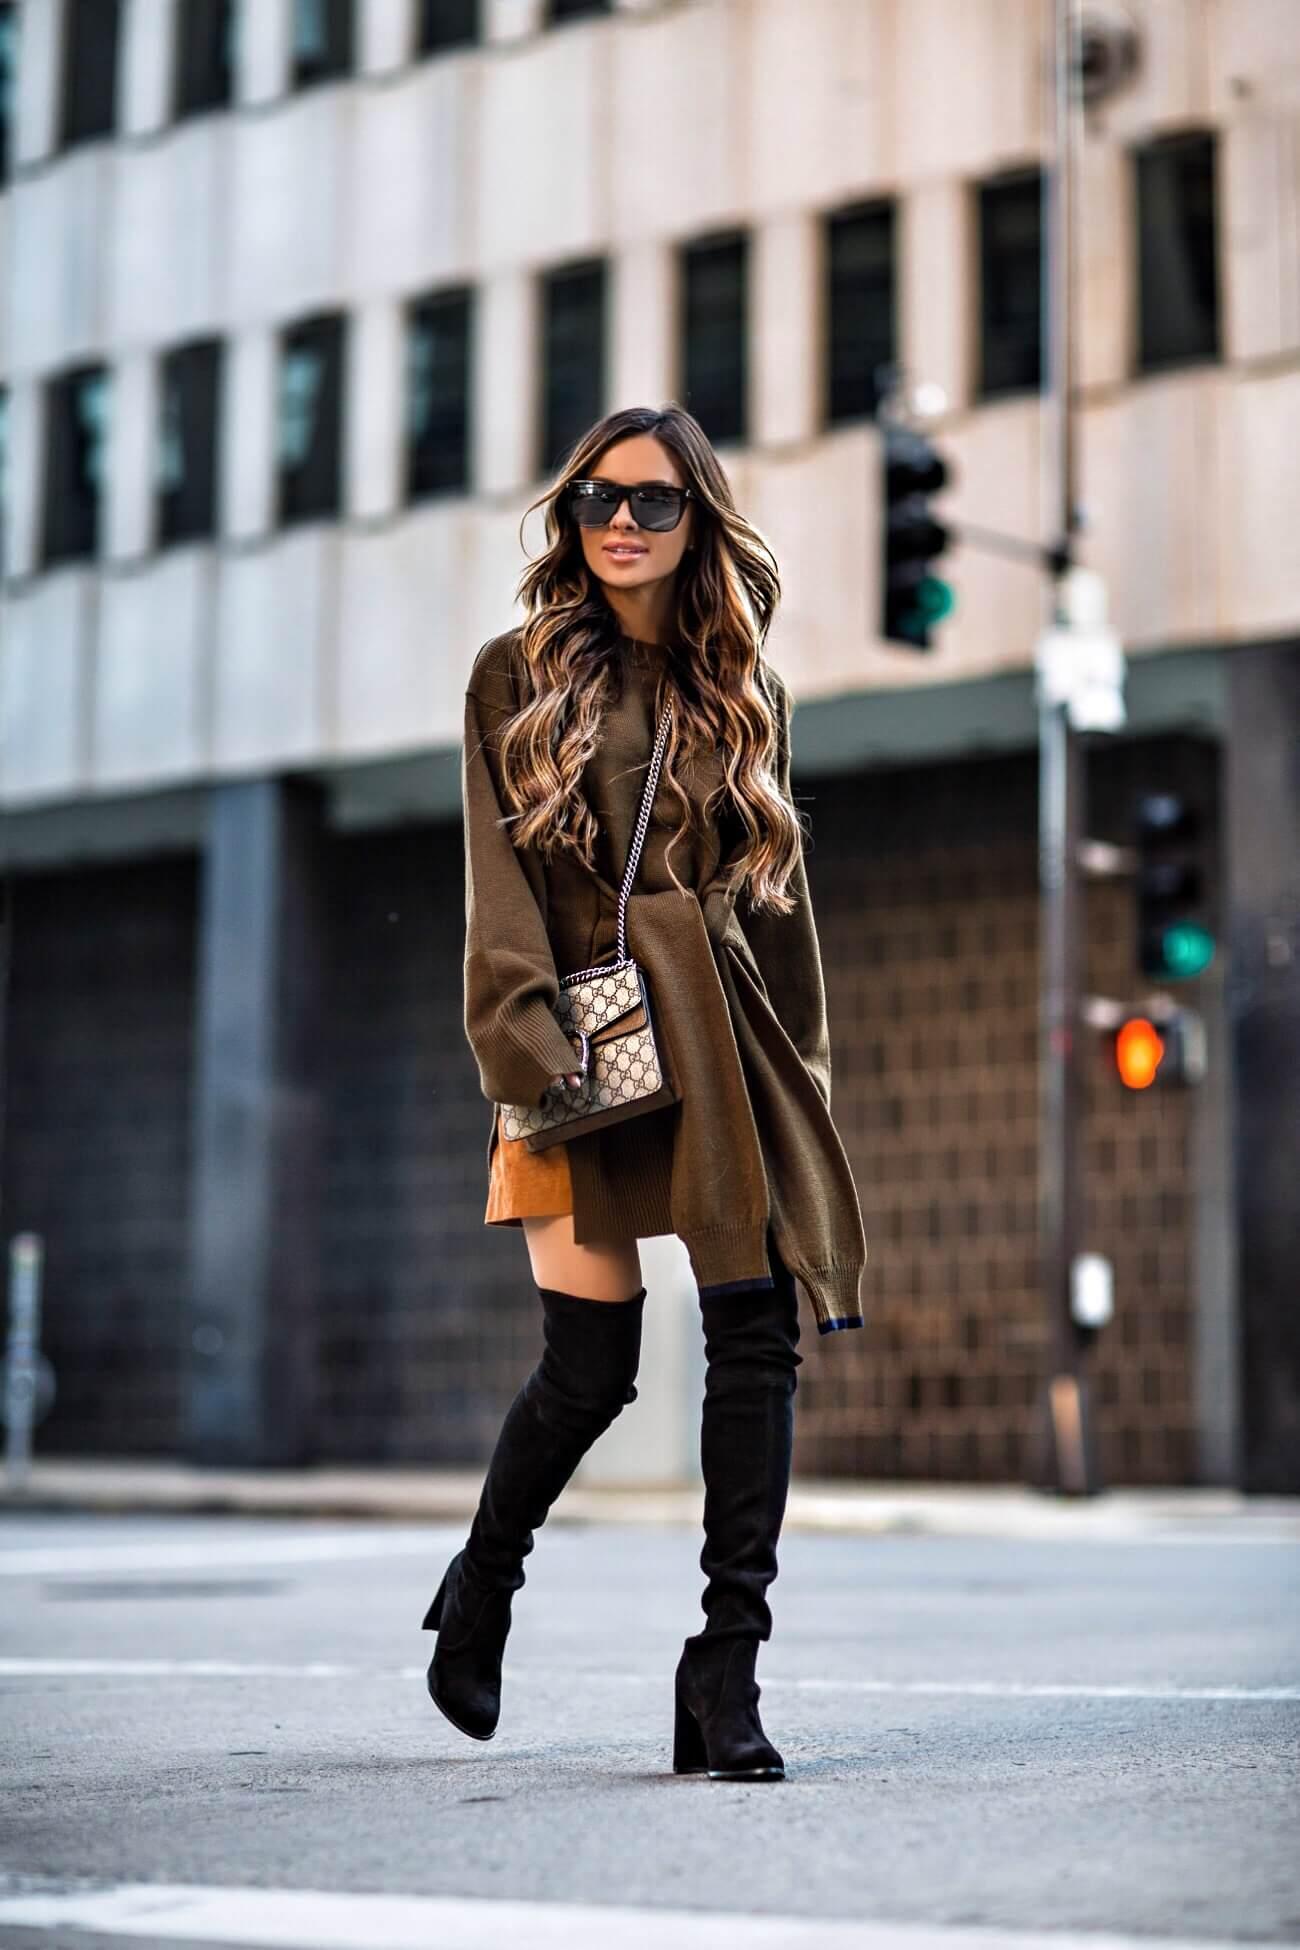 Джинсы, пальто и сапоги: 8 подсказок, как быть стильной без серьезных затрат